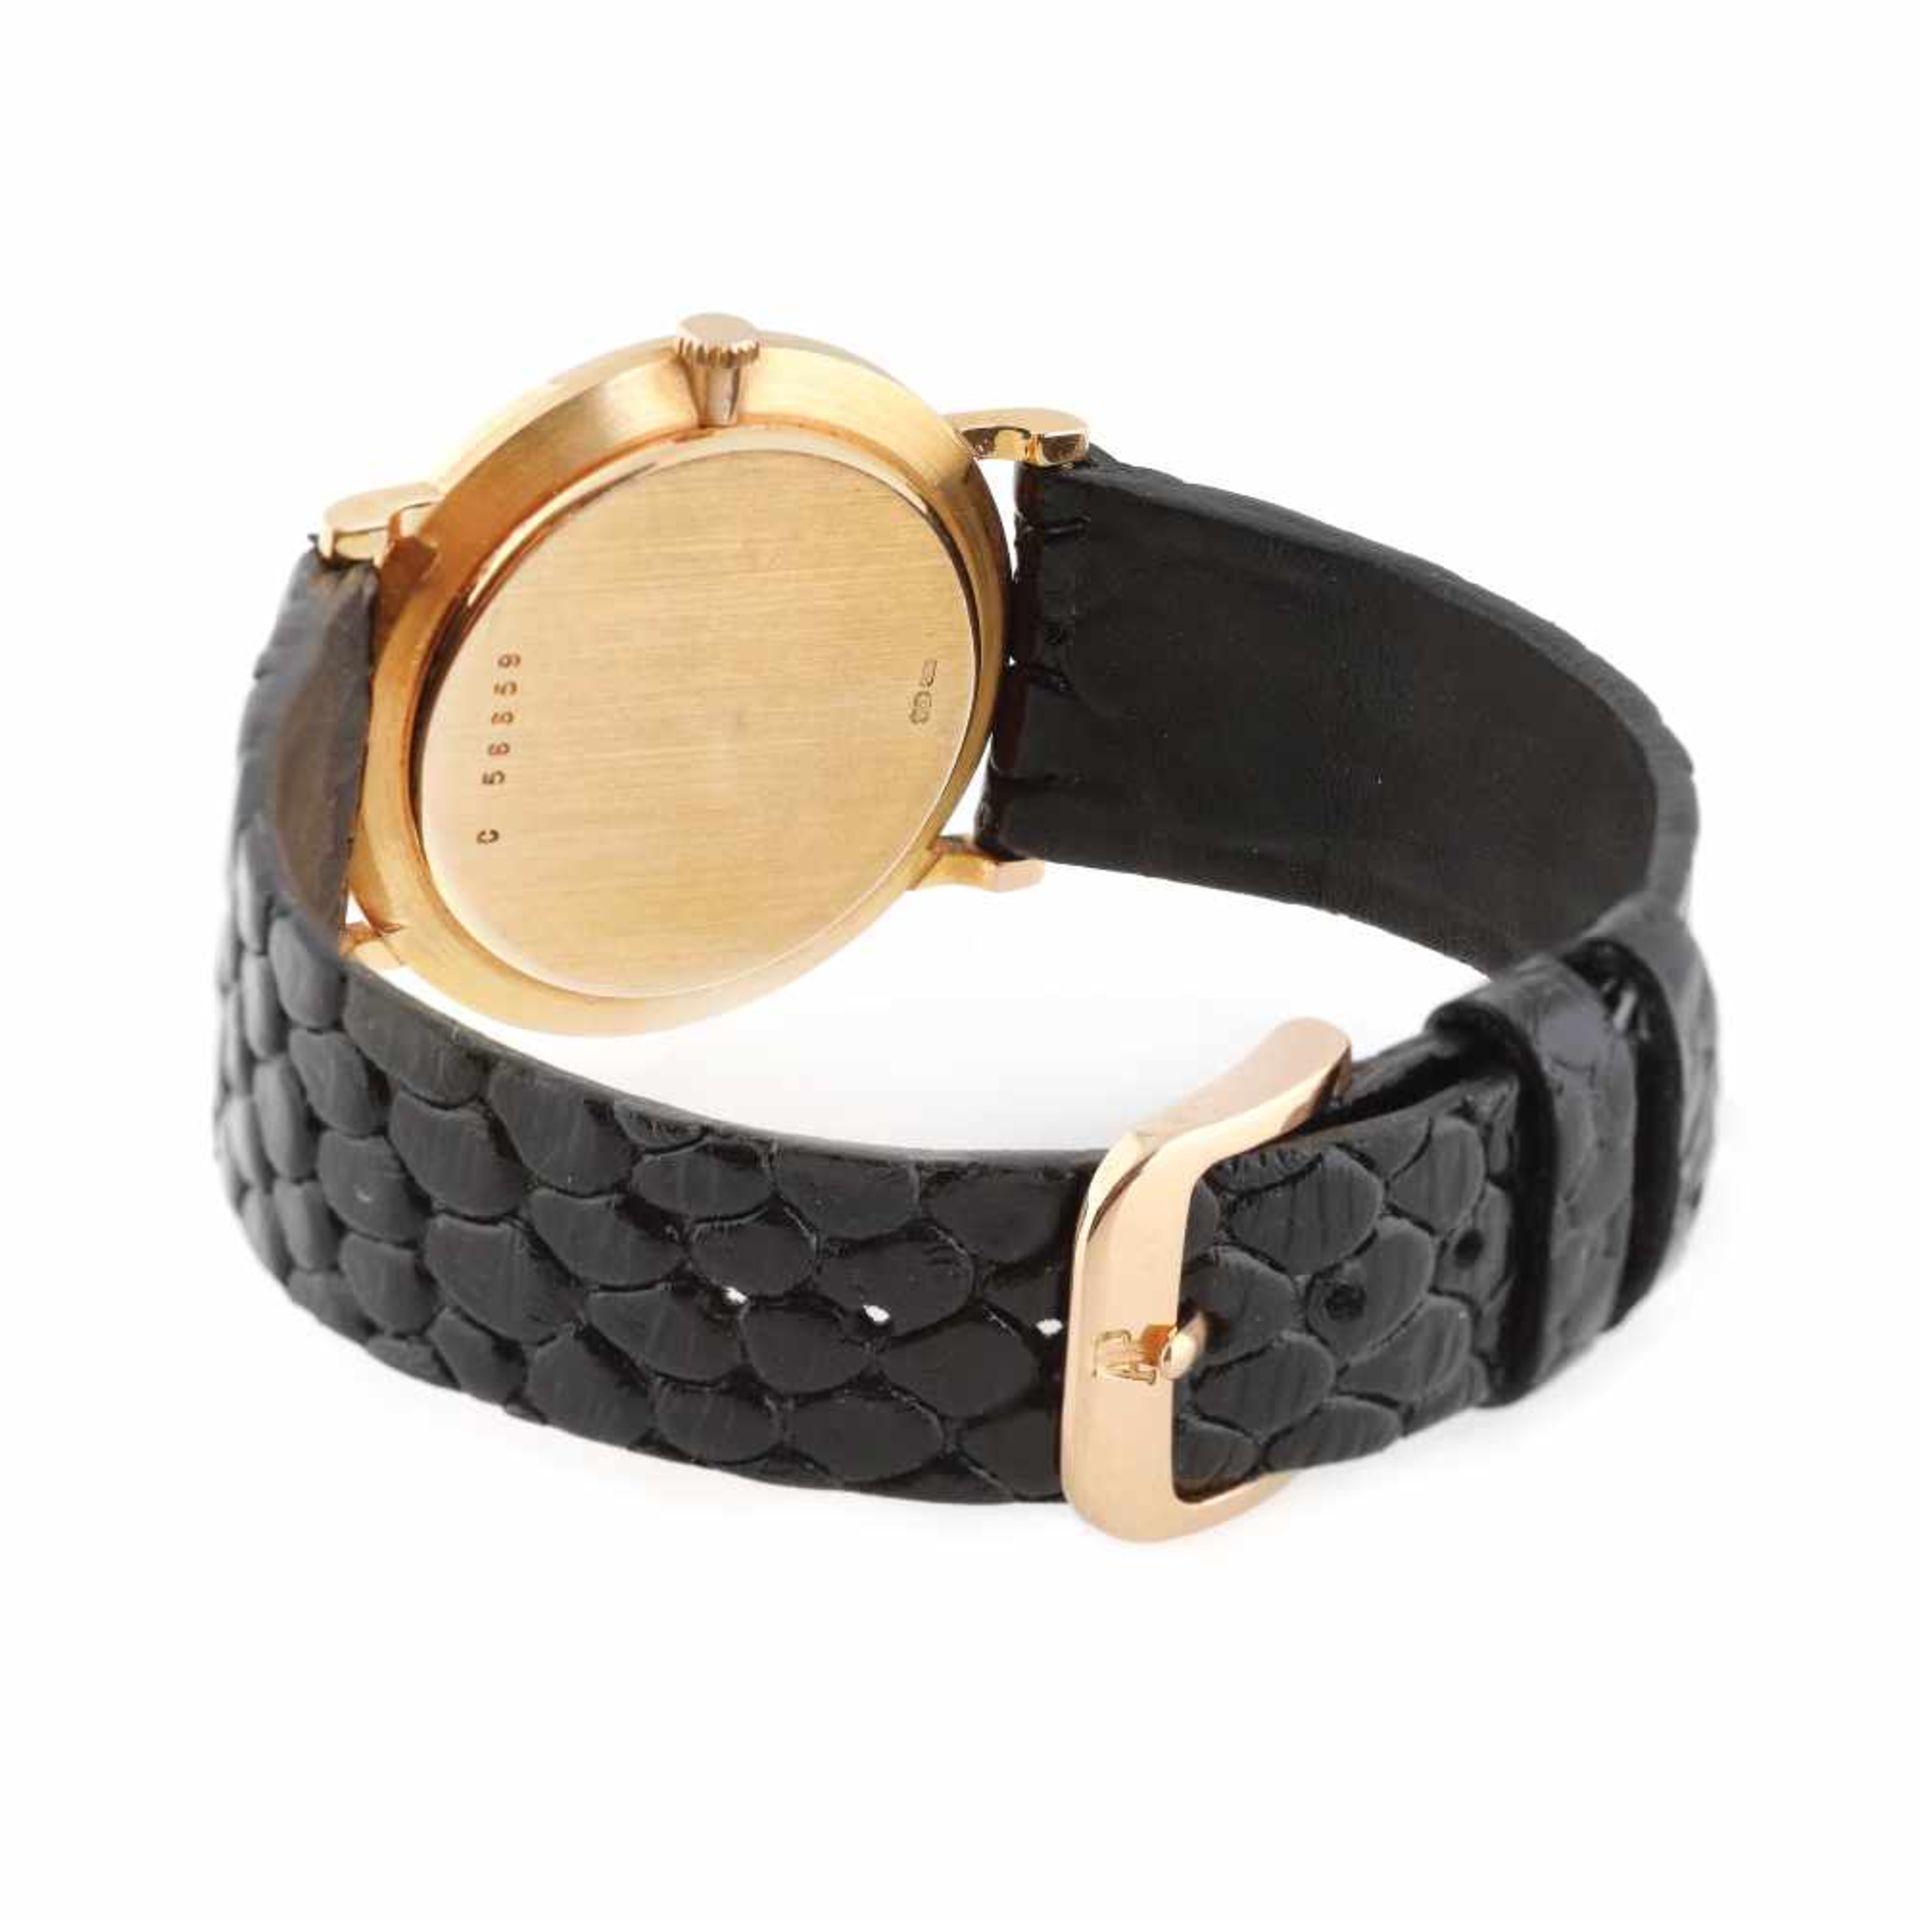 Audemars Piguet Classic Ultra Thin wristwatch, rose gold, unisex - Bild 2 aus 2